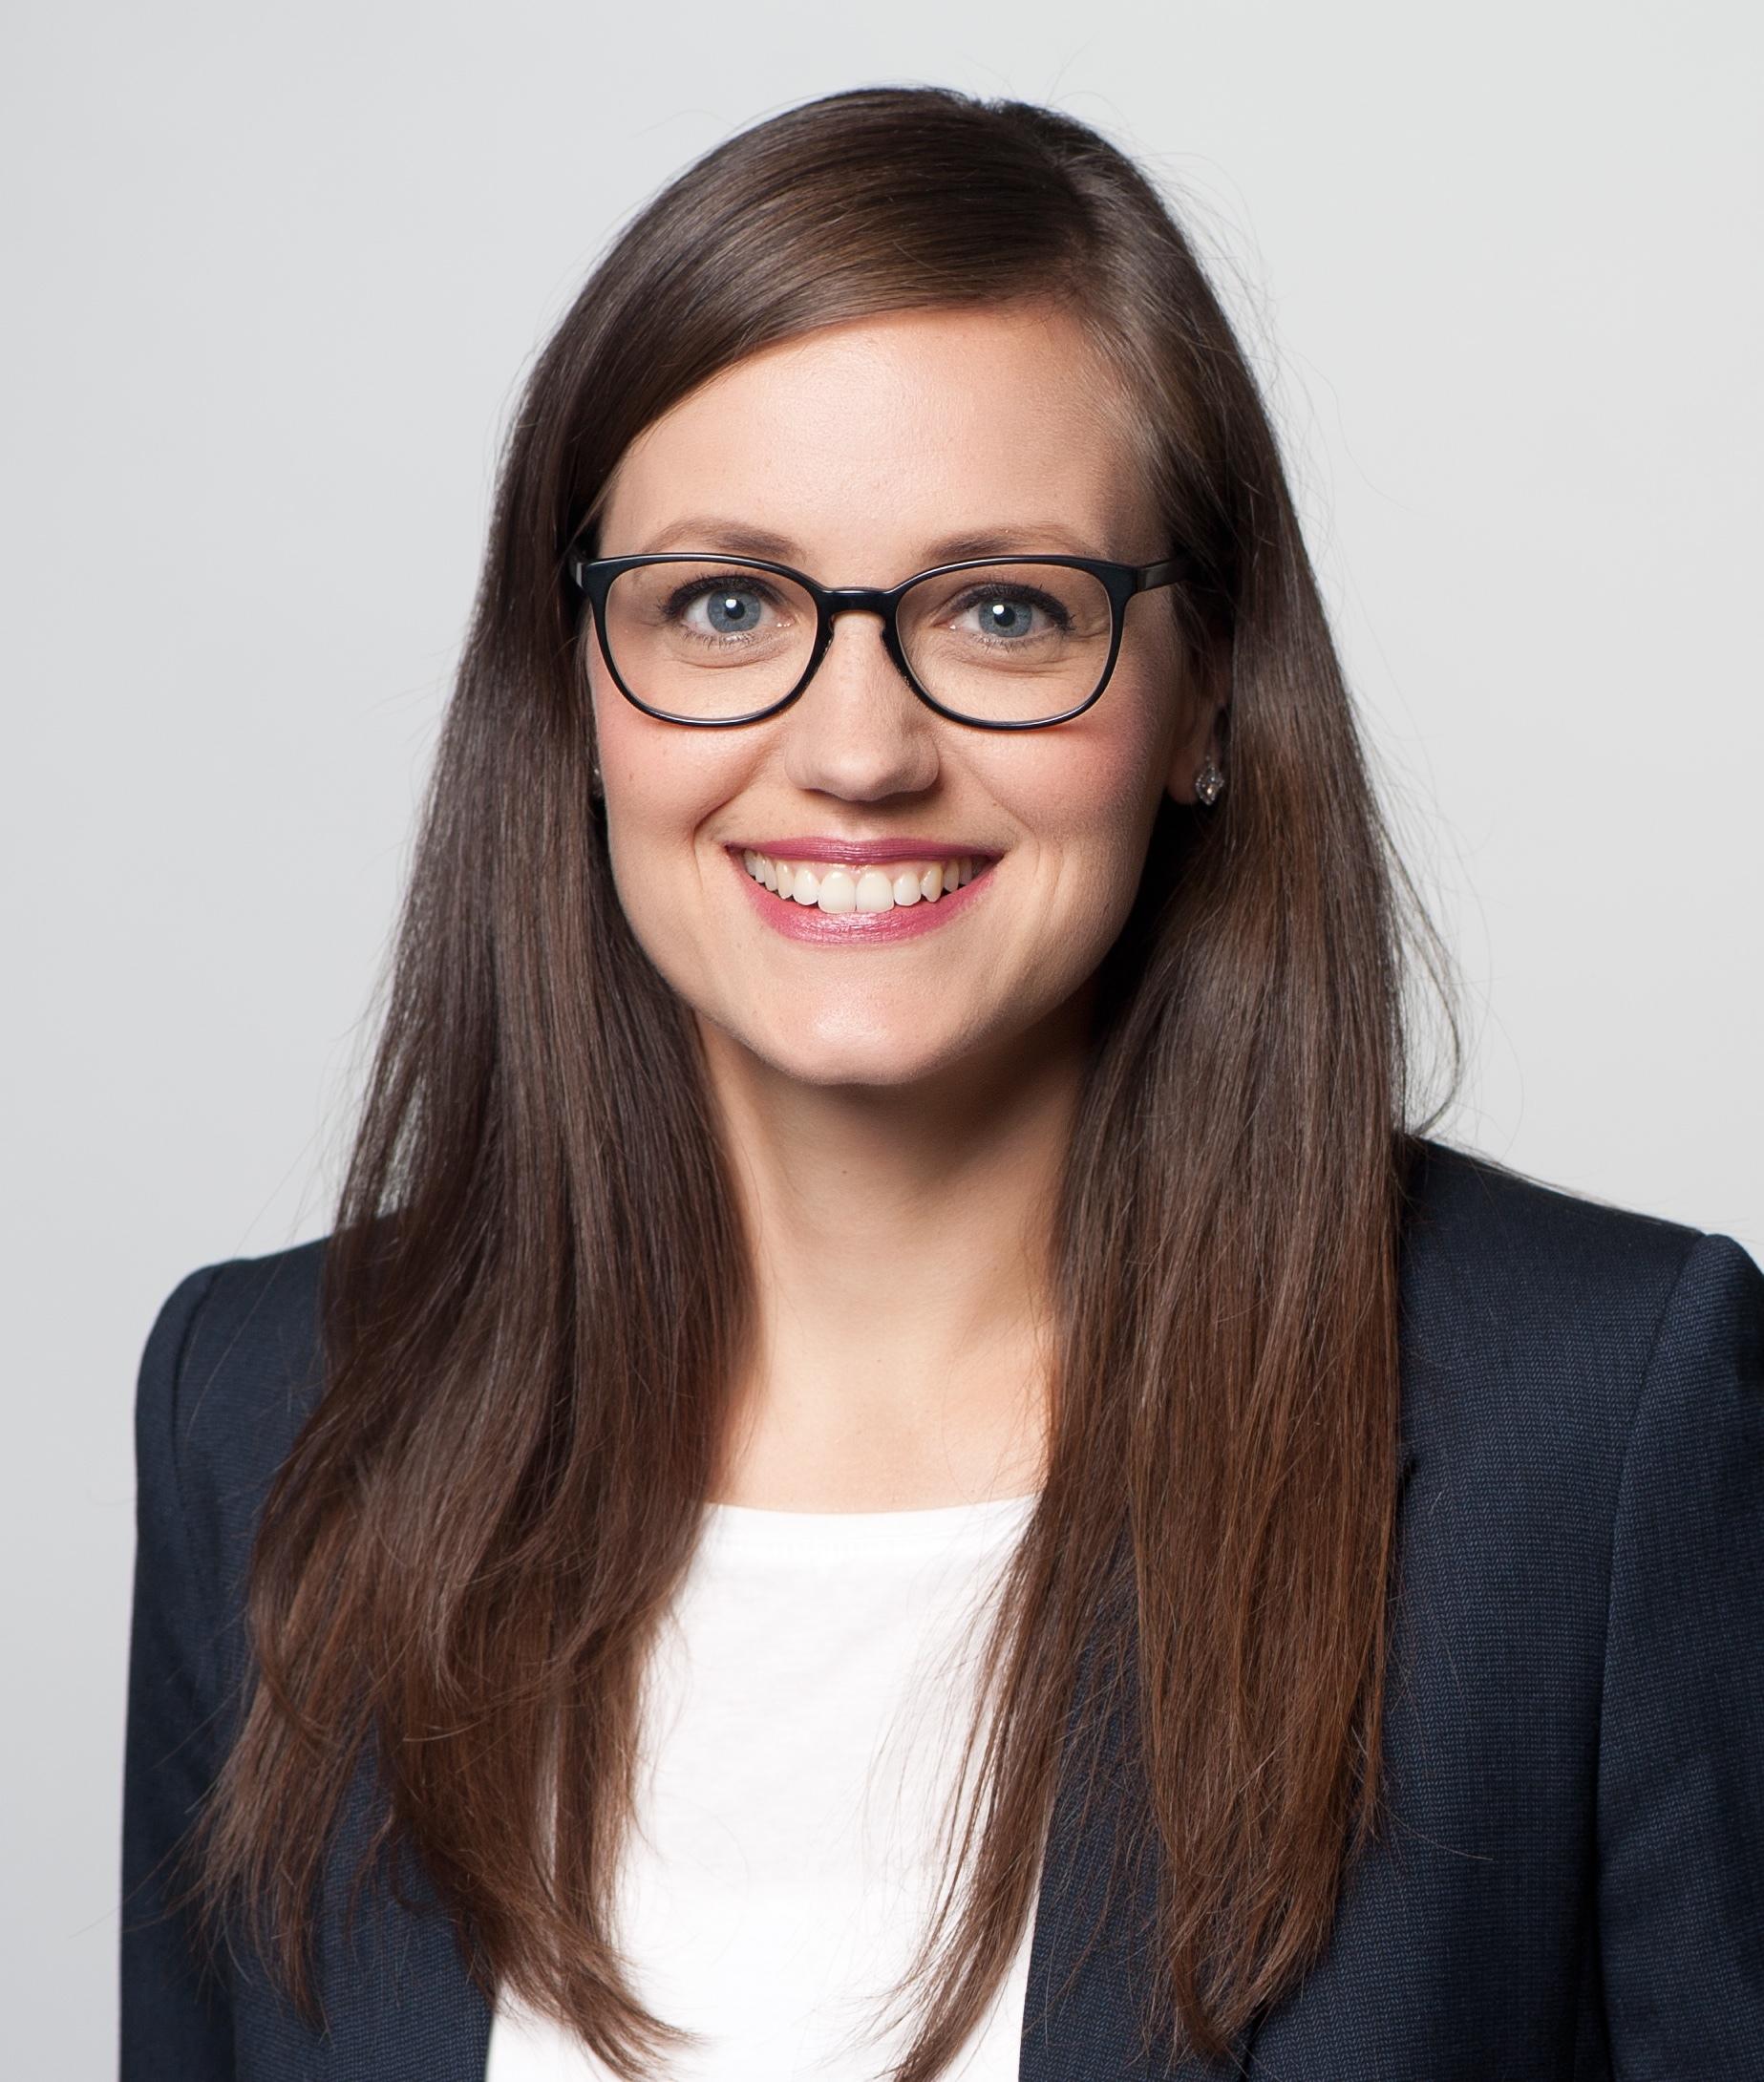 Julia Pietsch